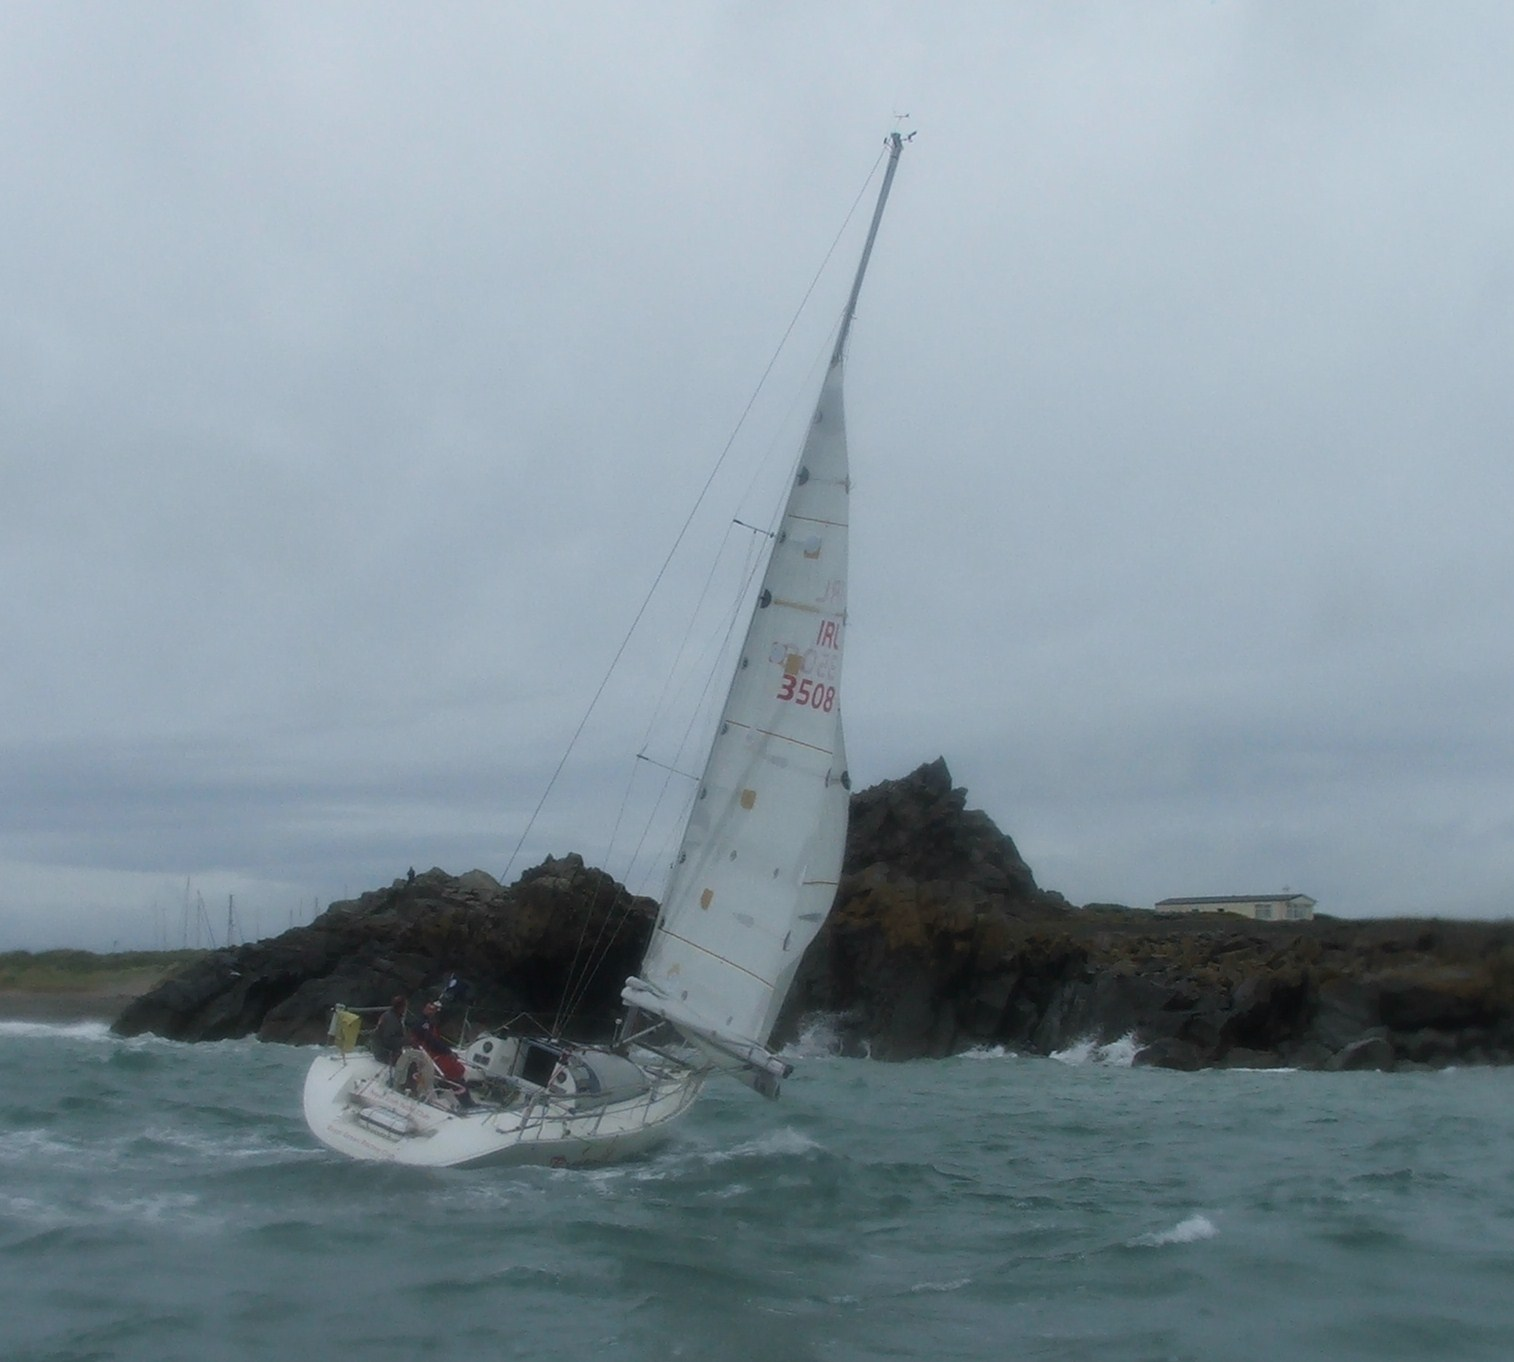 http://www.dinah.sail.ie/wp-content/uploads/2011/06/DSCF2672.jpg